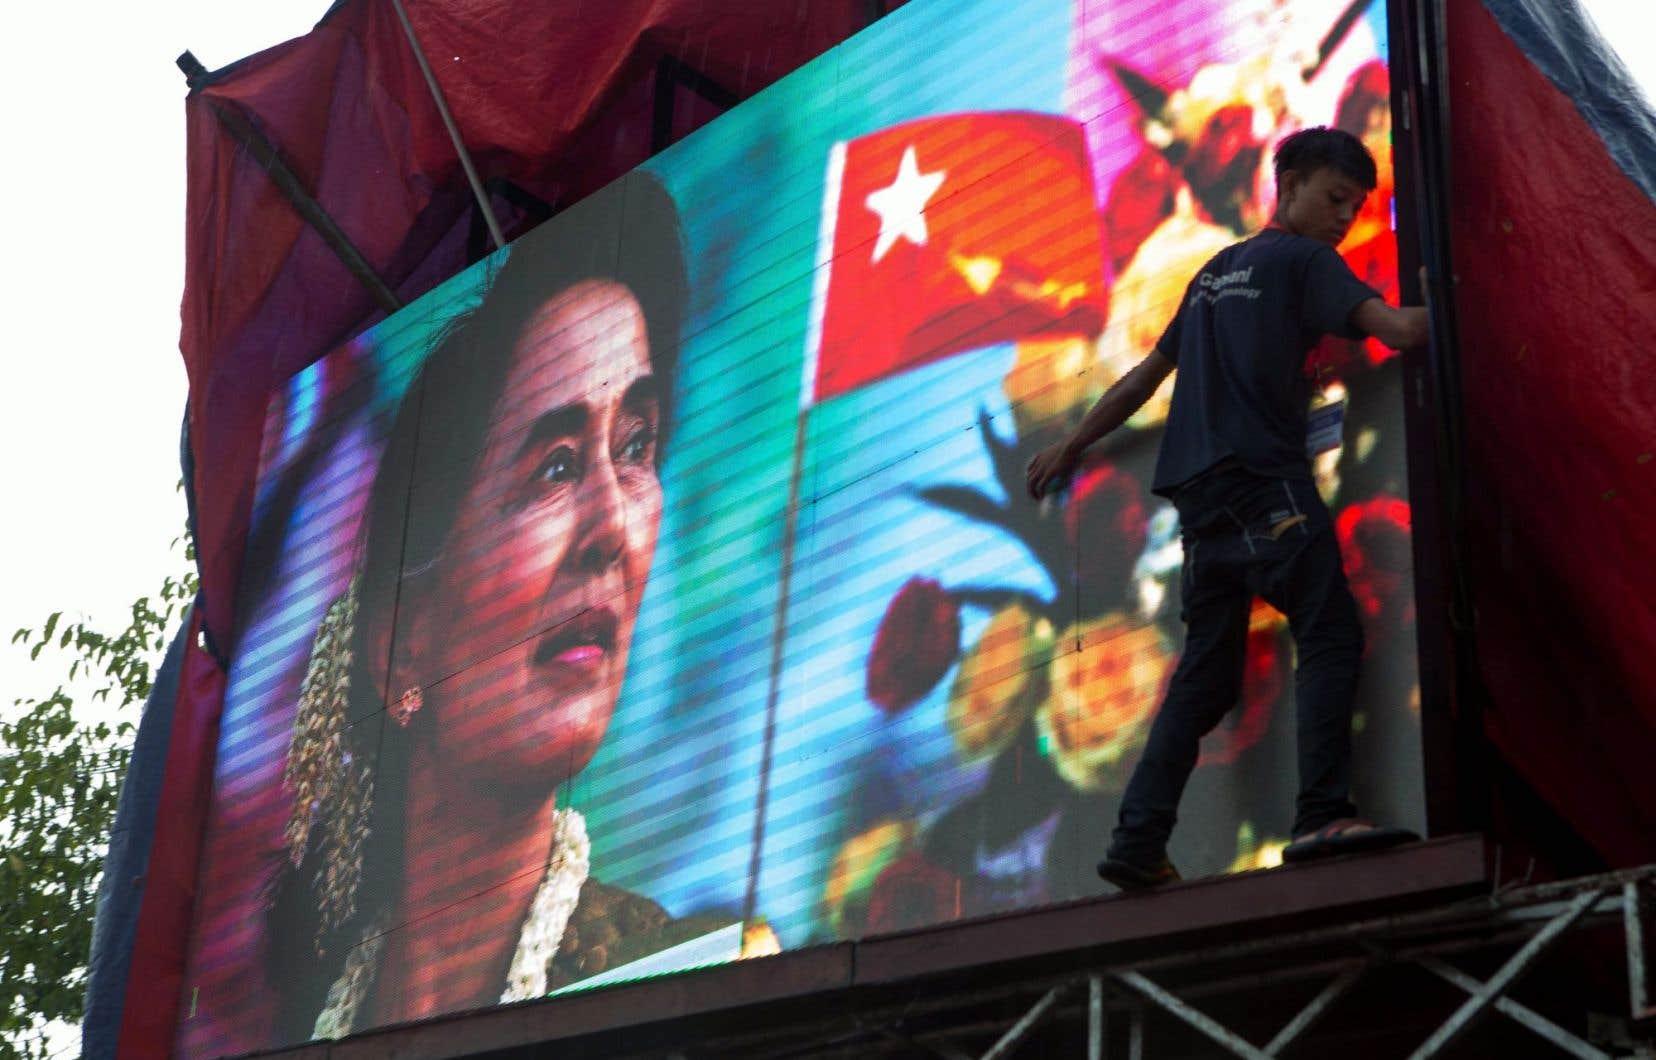 Après 30 ans de lutte contre la junte, Aung San Suu Kyi se retrouve donc en position de force pour négocier avec les héritiers du régime militaire.